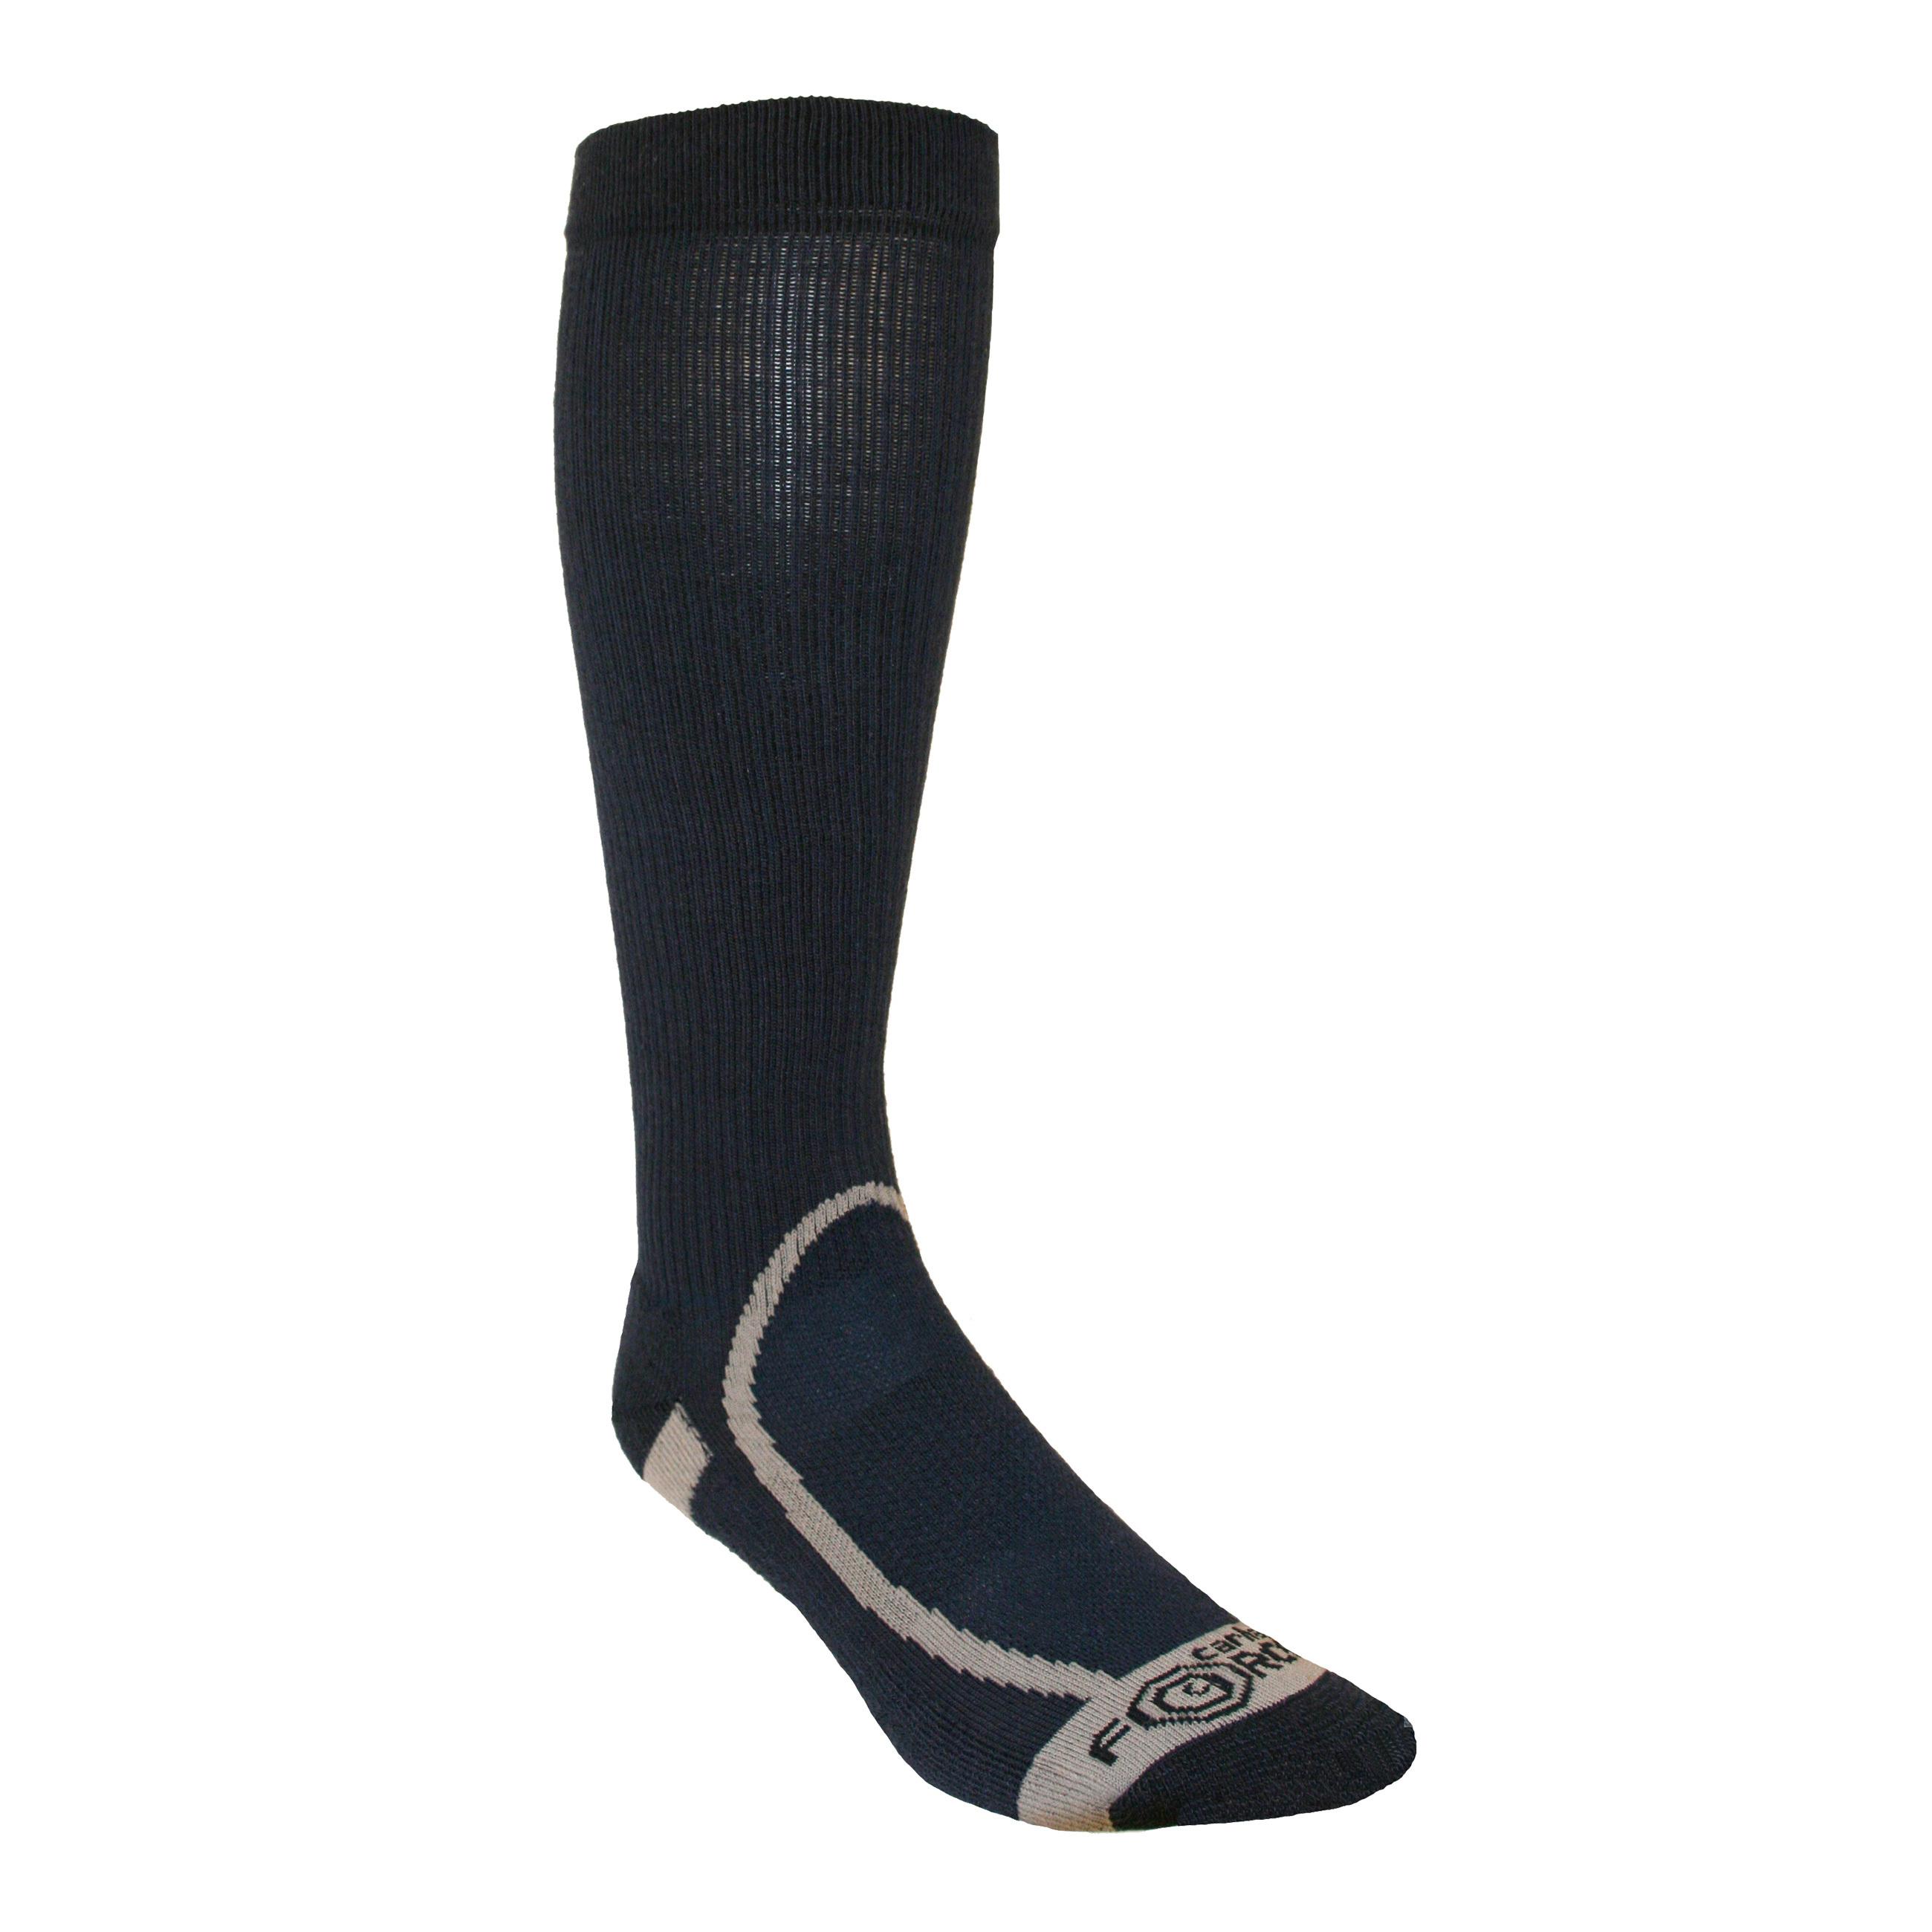 Carharrt Accessories Men's Active Compression Sock-Carhartt